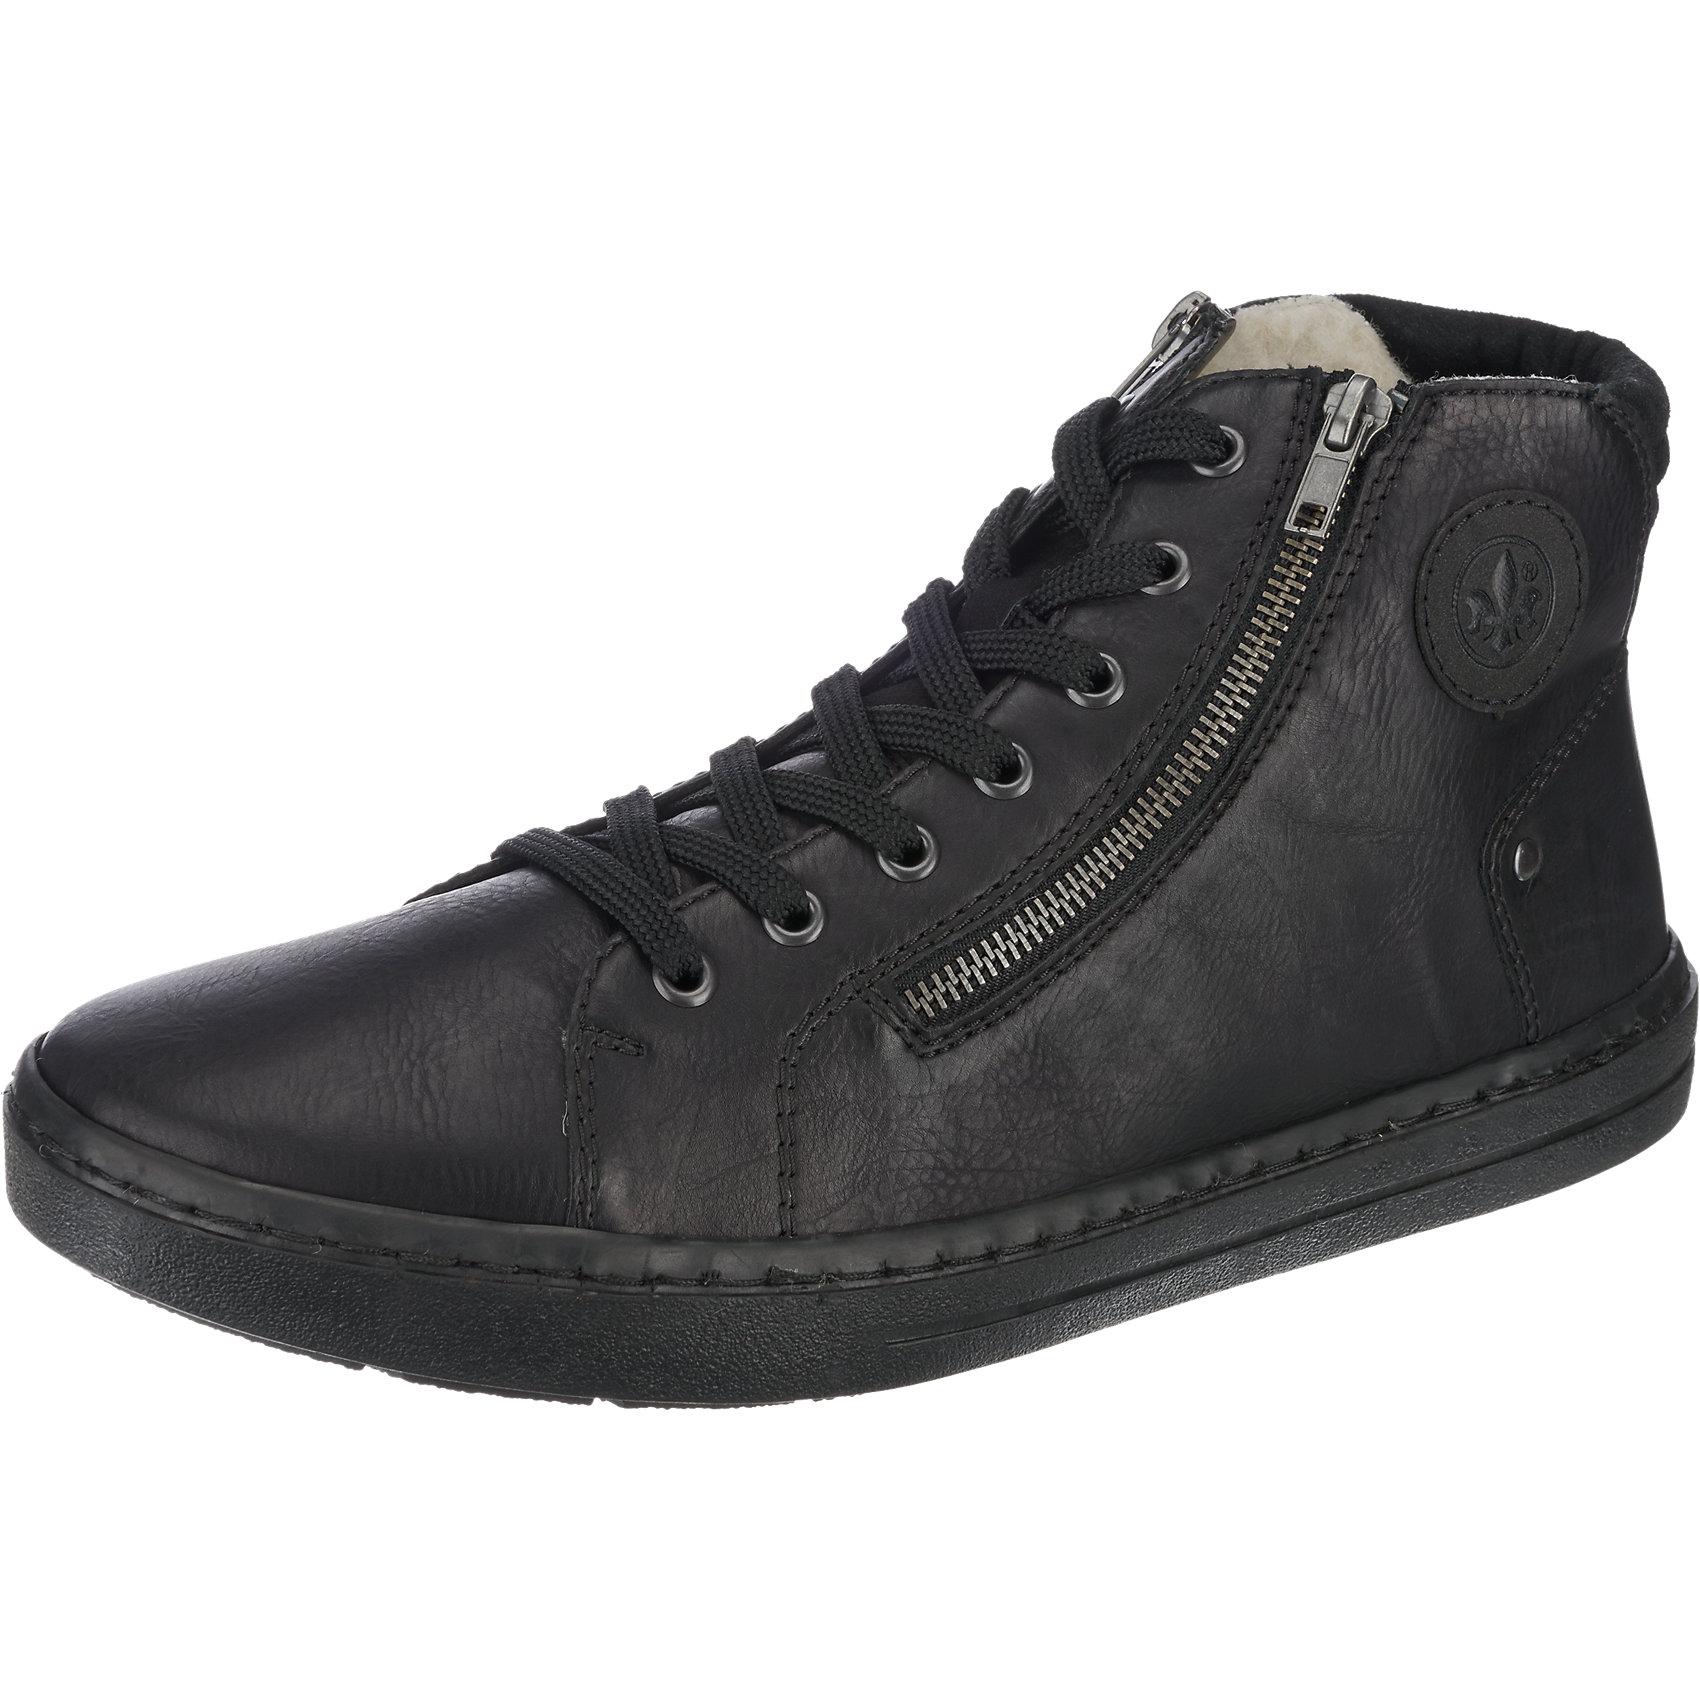 Neu schwarz rieker Sneakers schwarz Neu blau 6970123 3a4b3c